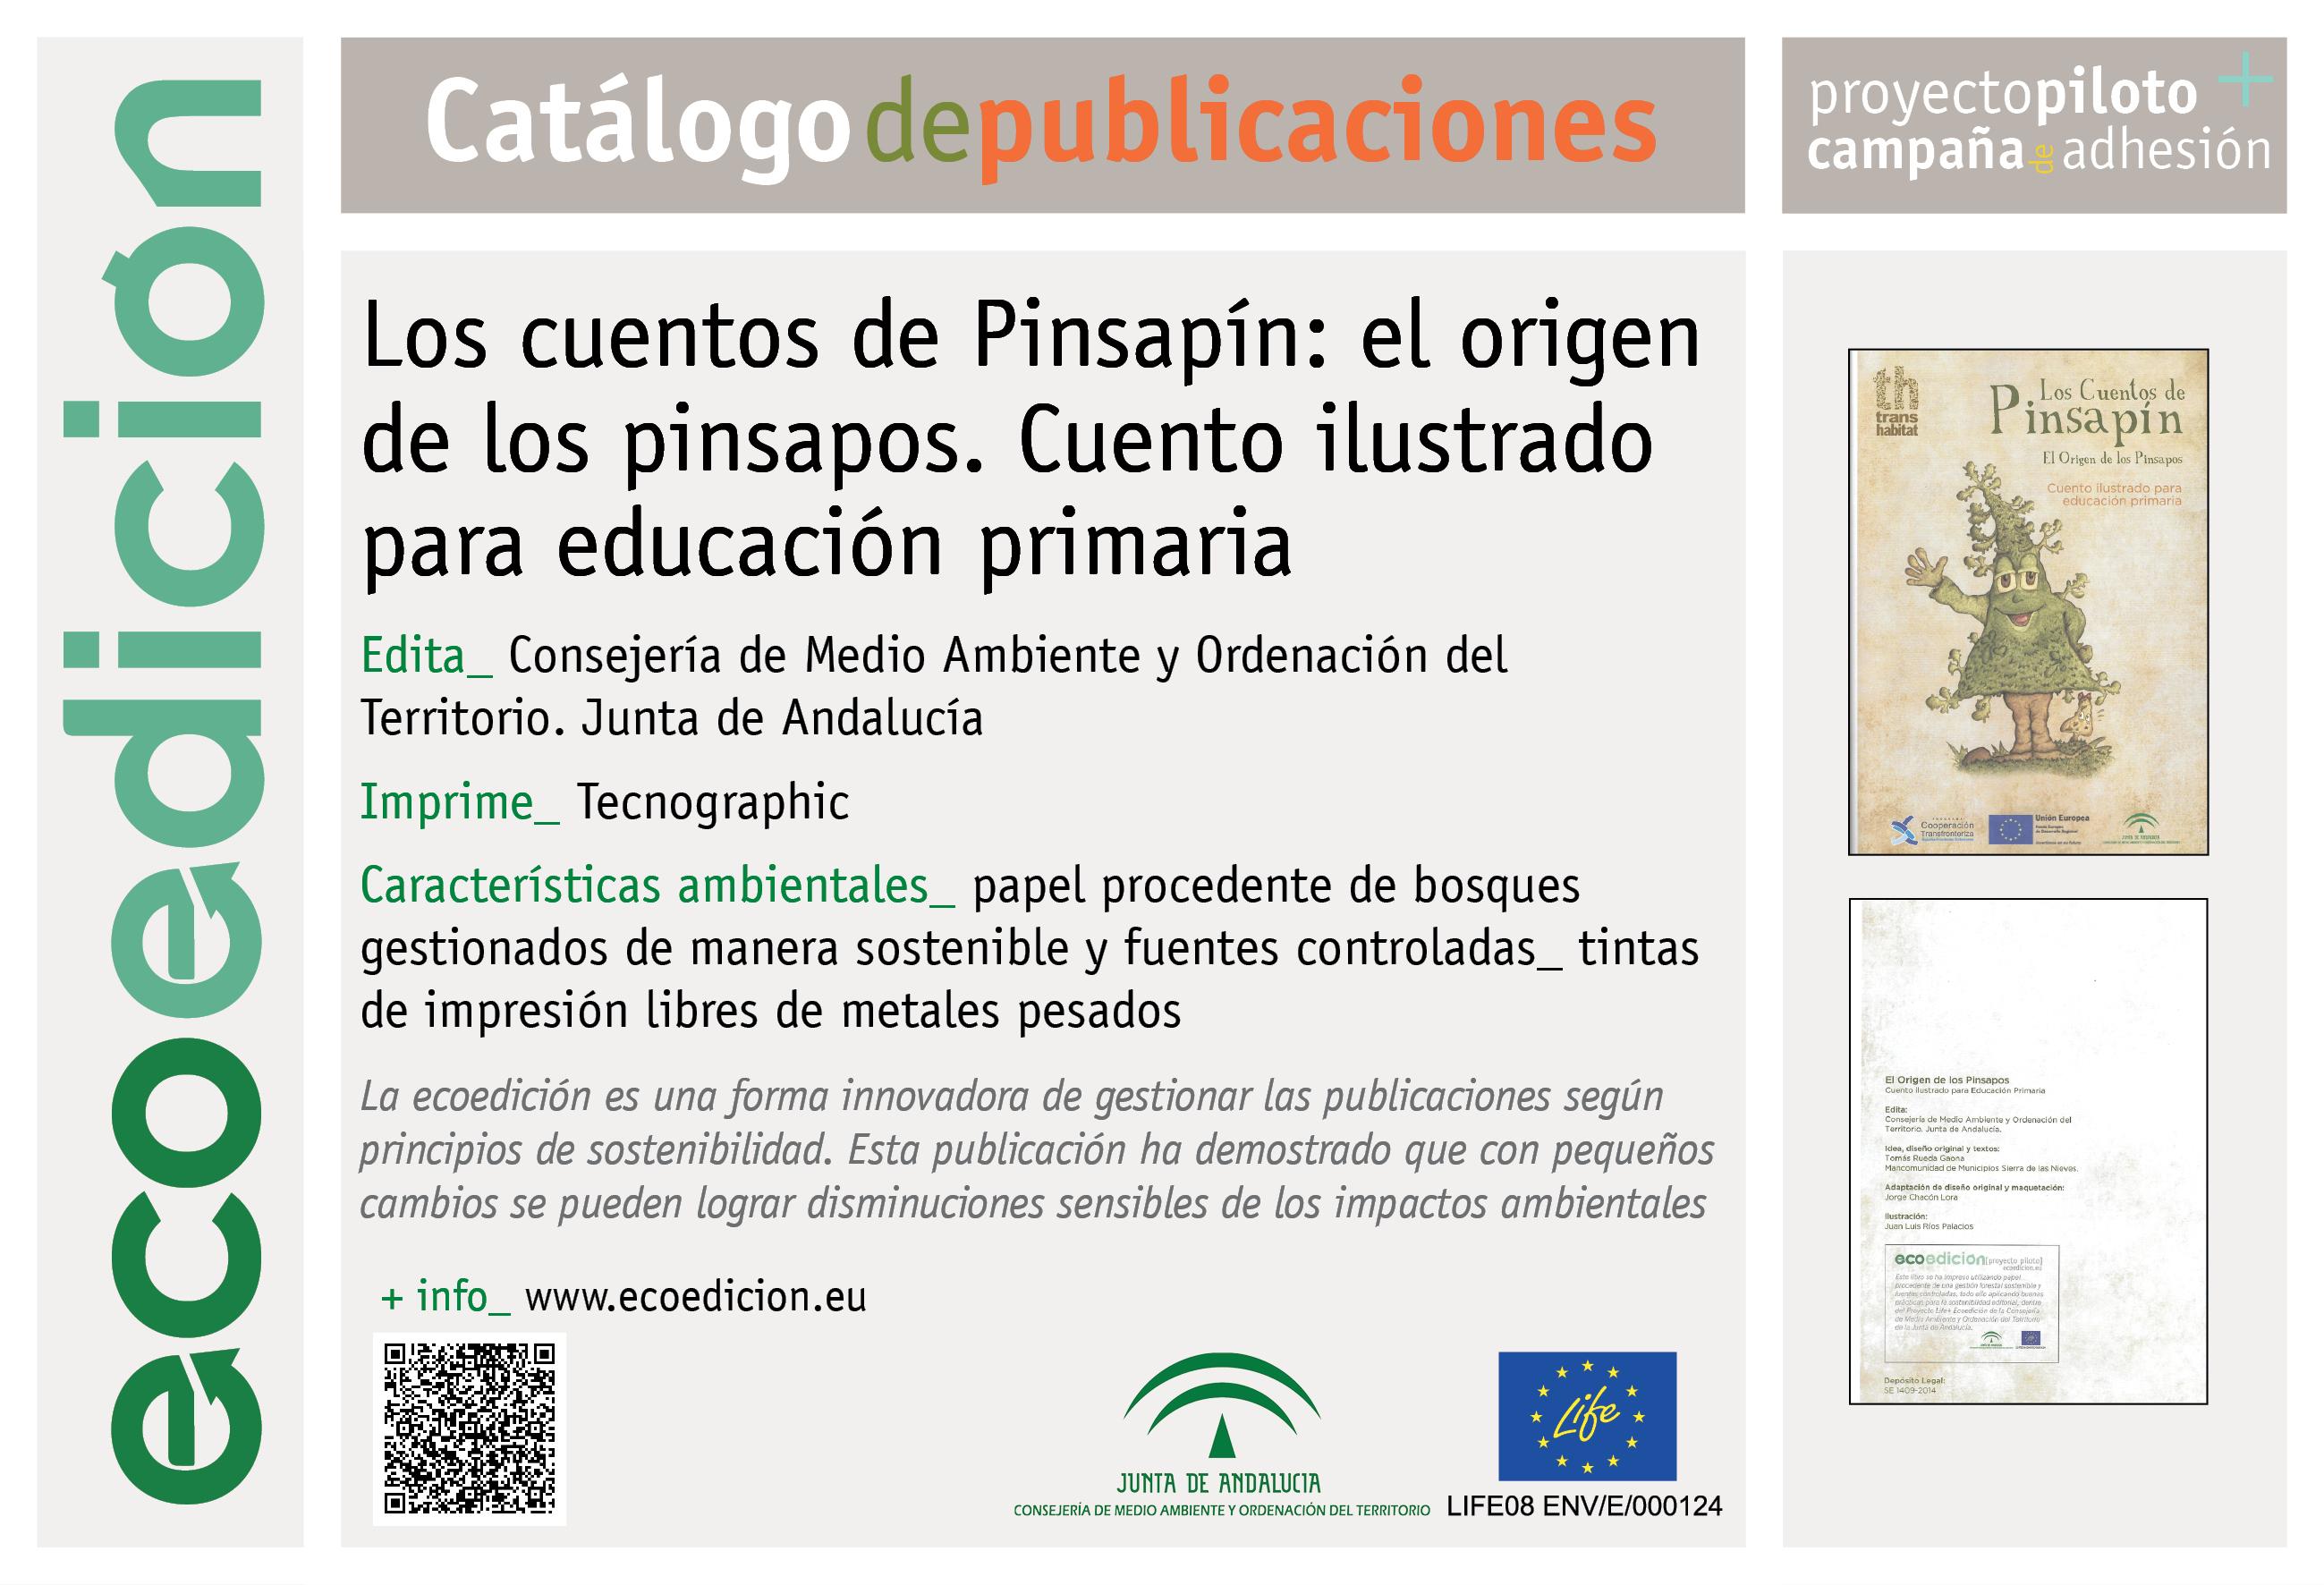 Green catalogue consejer a de medio ambiente y for Consejeria de educacion junta de andalucia